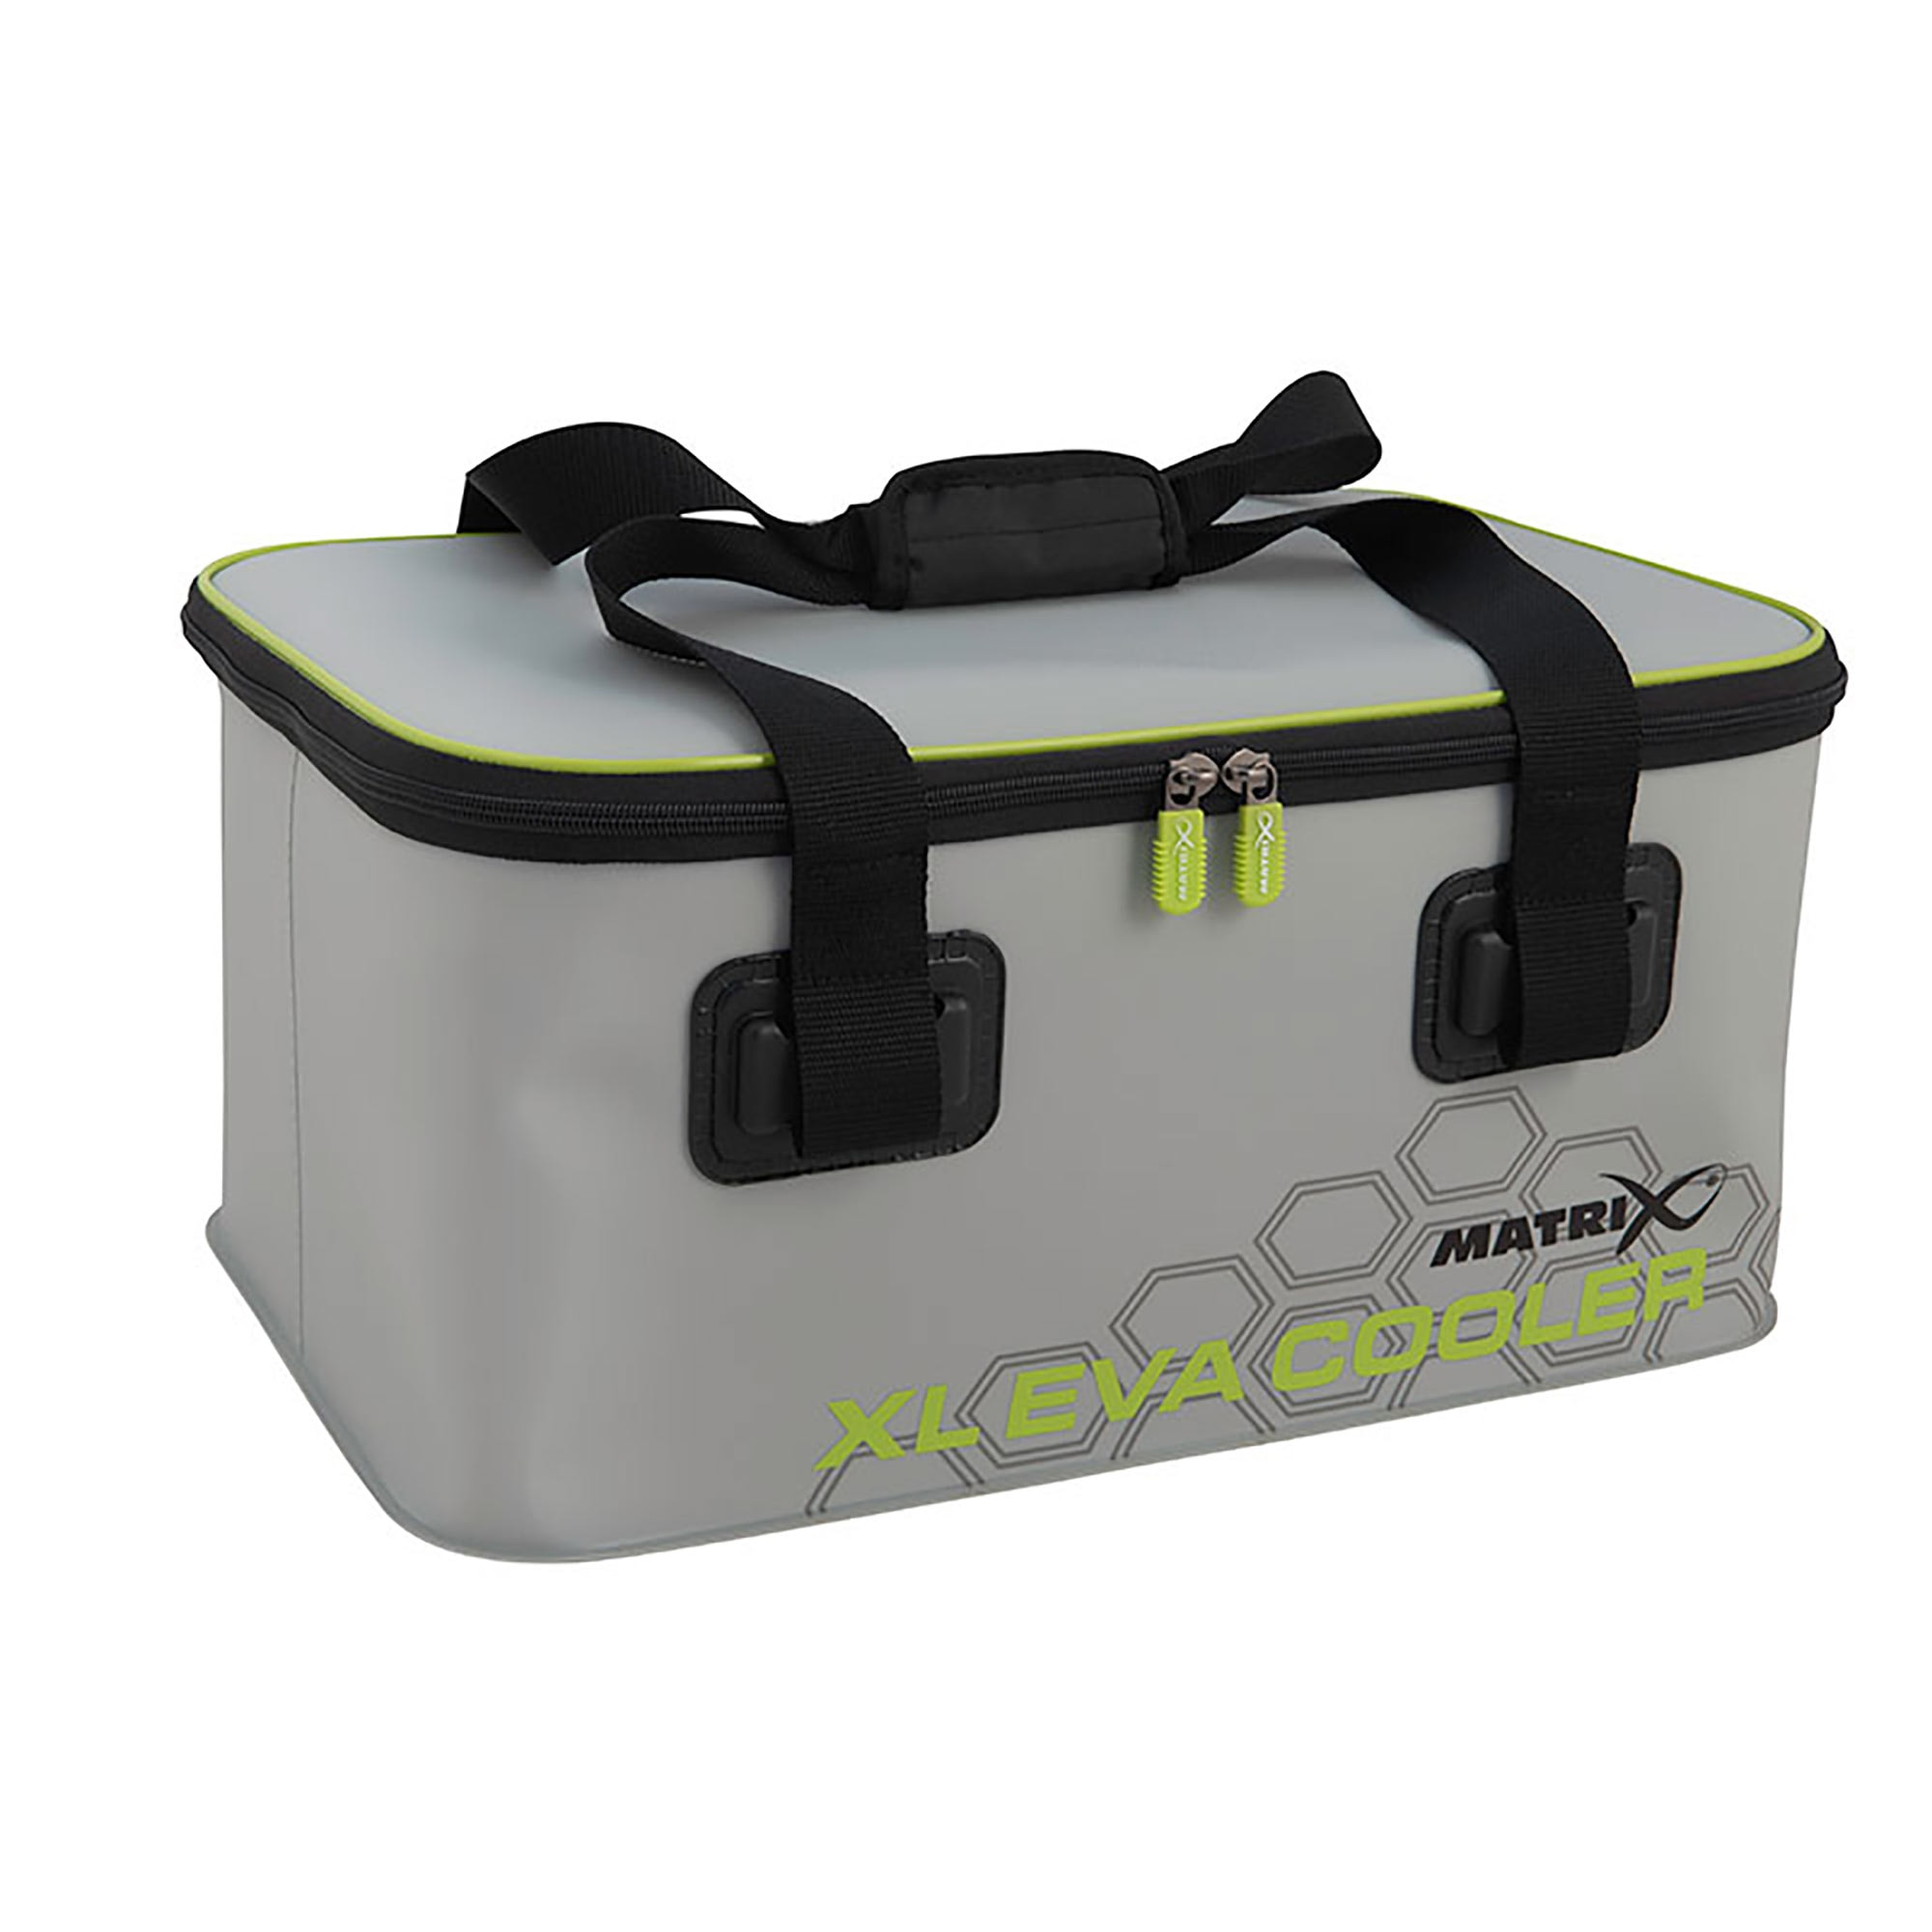 Borsa Termica Grey EVA XL Cooler Bag - MATRIX (46x30x22 cm)